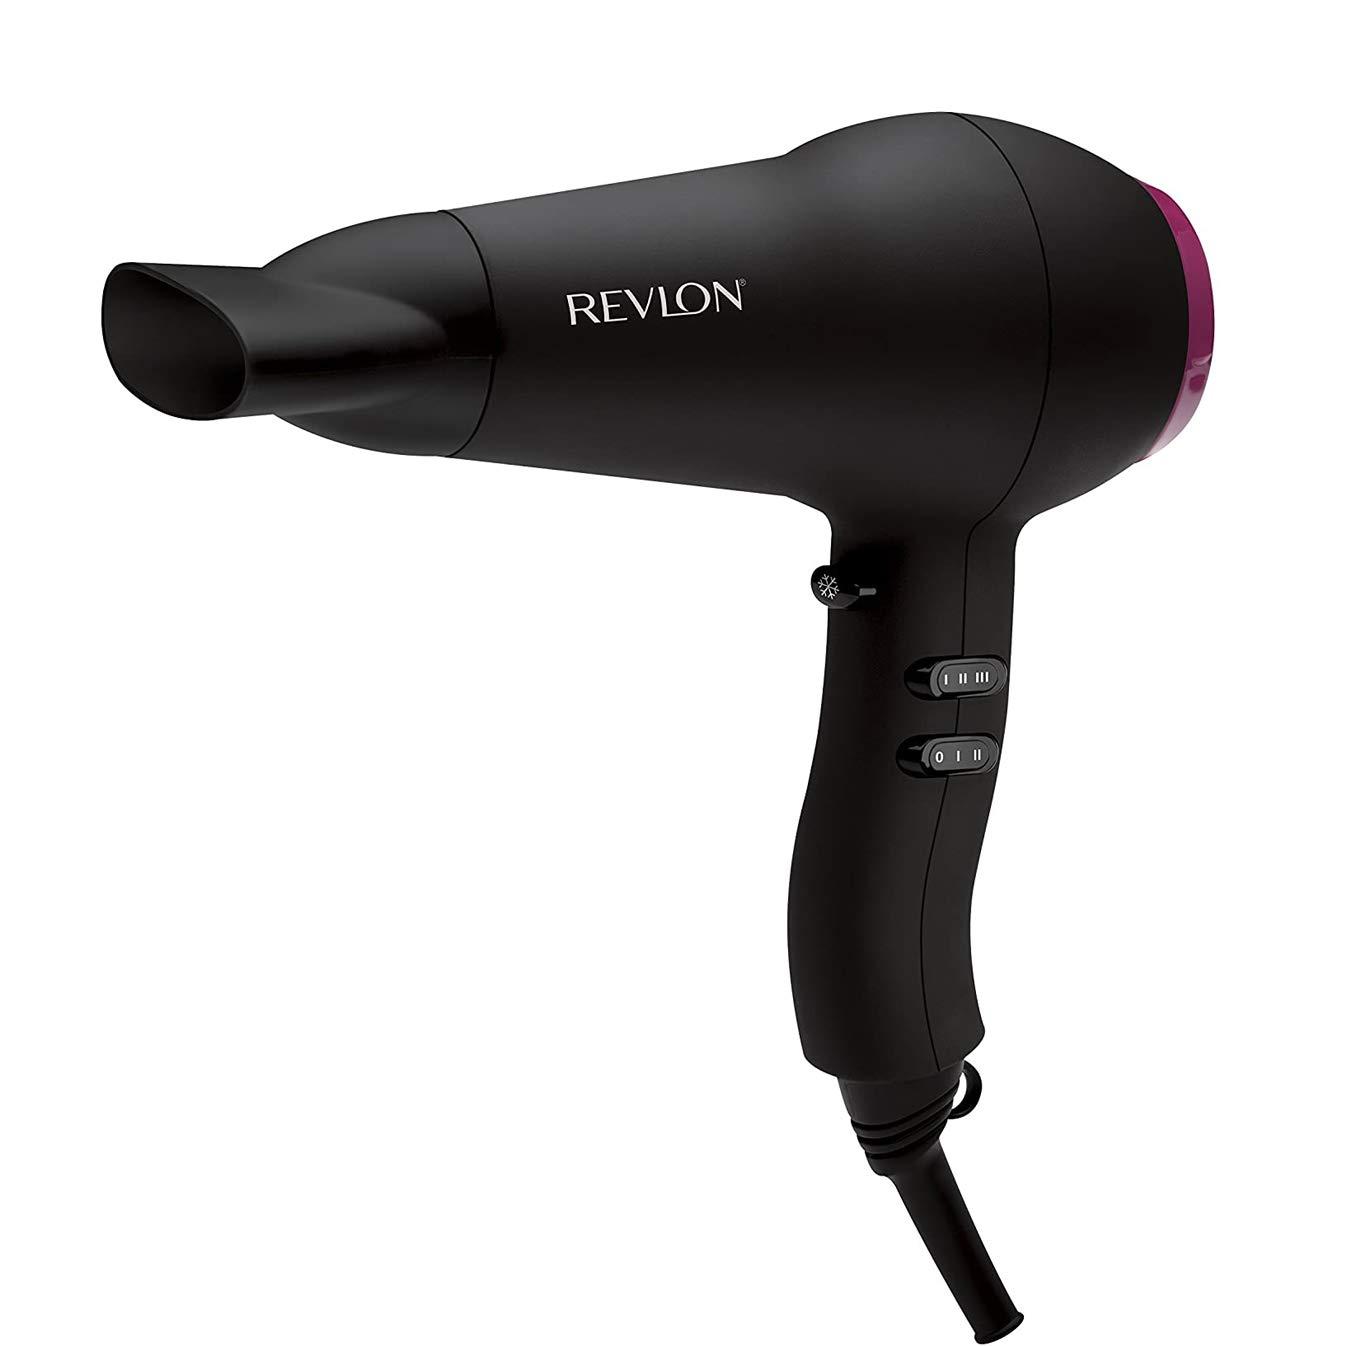 Revlon RVDR5823UK1 Fast and Light Hair Dryer